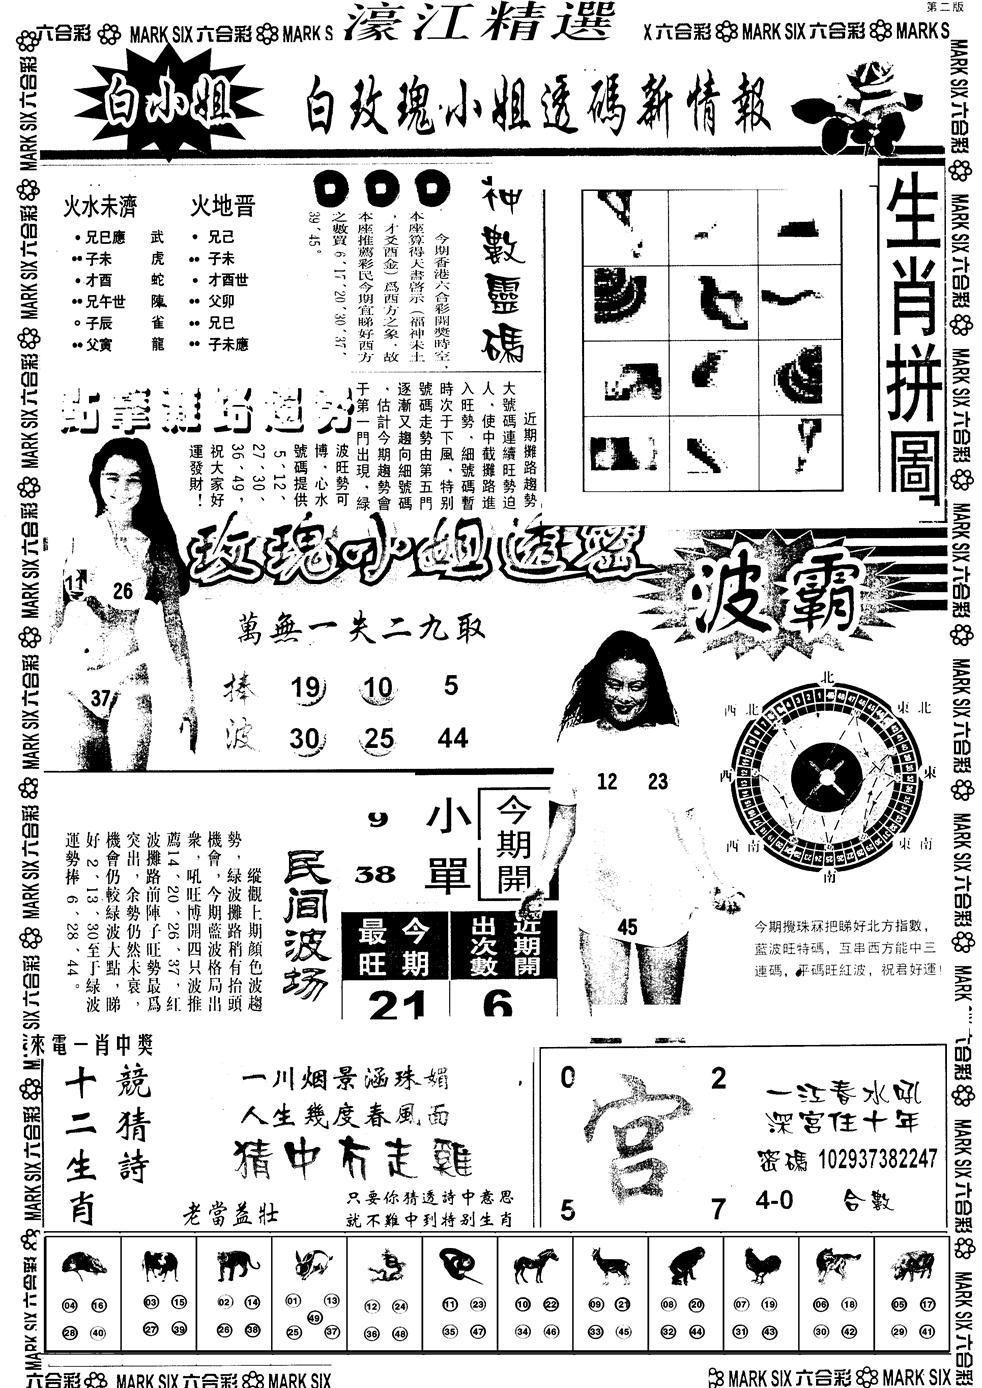 073期另版濠江精选B(黑白)